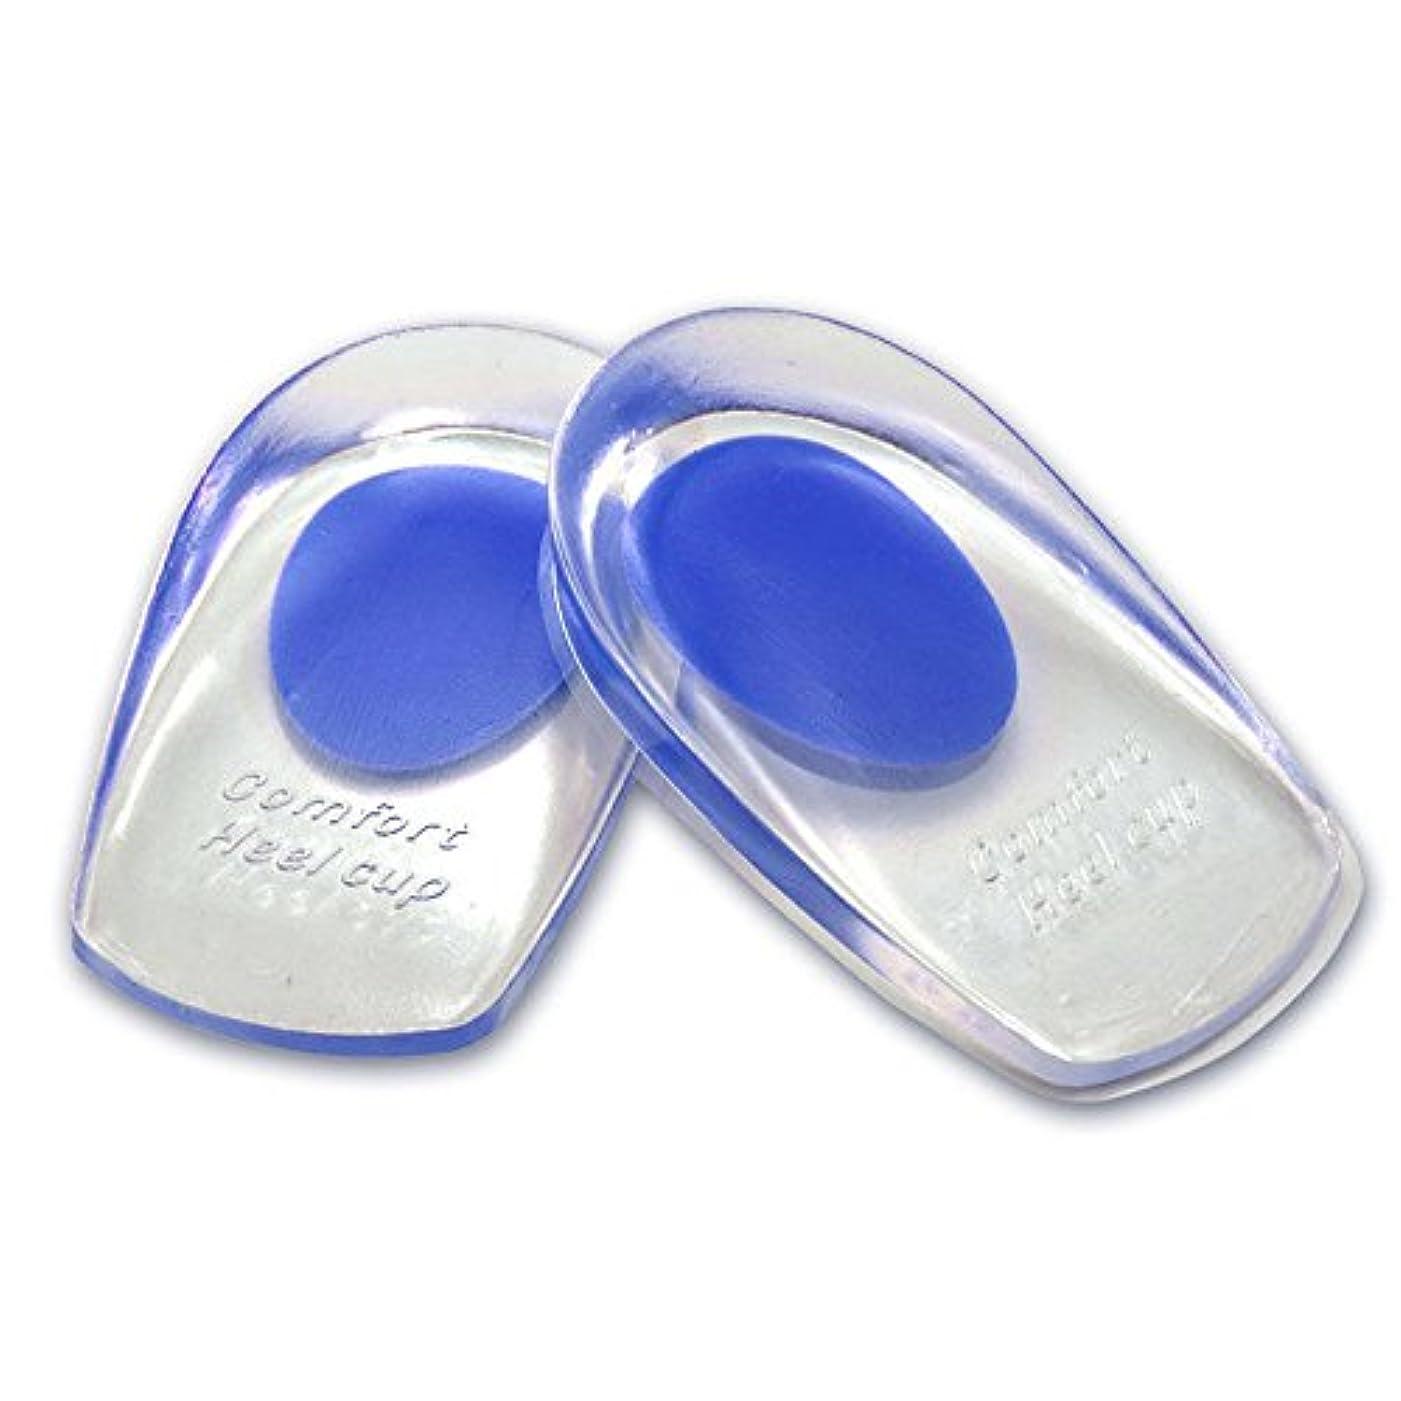 サバントダンスお嬢シリコンヒールカップ かかとの痛み防止に ソフトシリコン製 インソールクッション 衝撃緩和 立体形状 フィット感抜群 FMTMXCA2S (ブルー(靴サイズ24.5~27.5cm用))